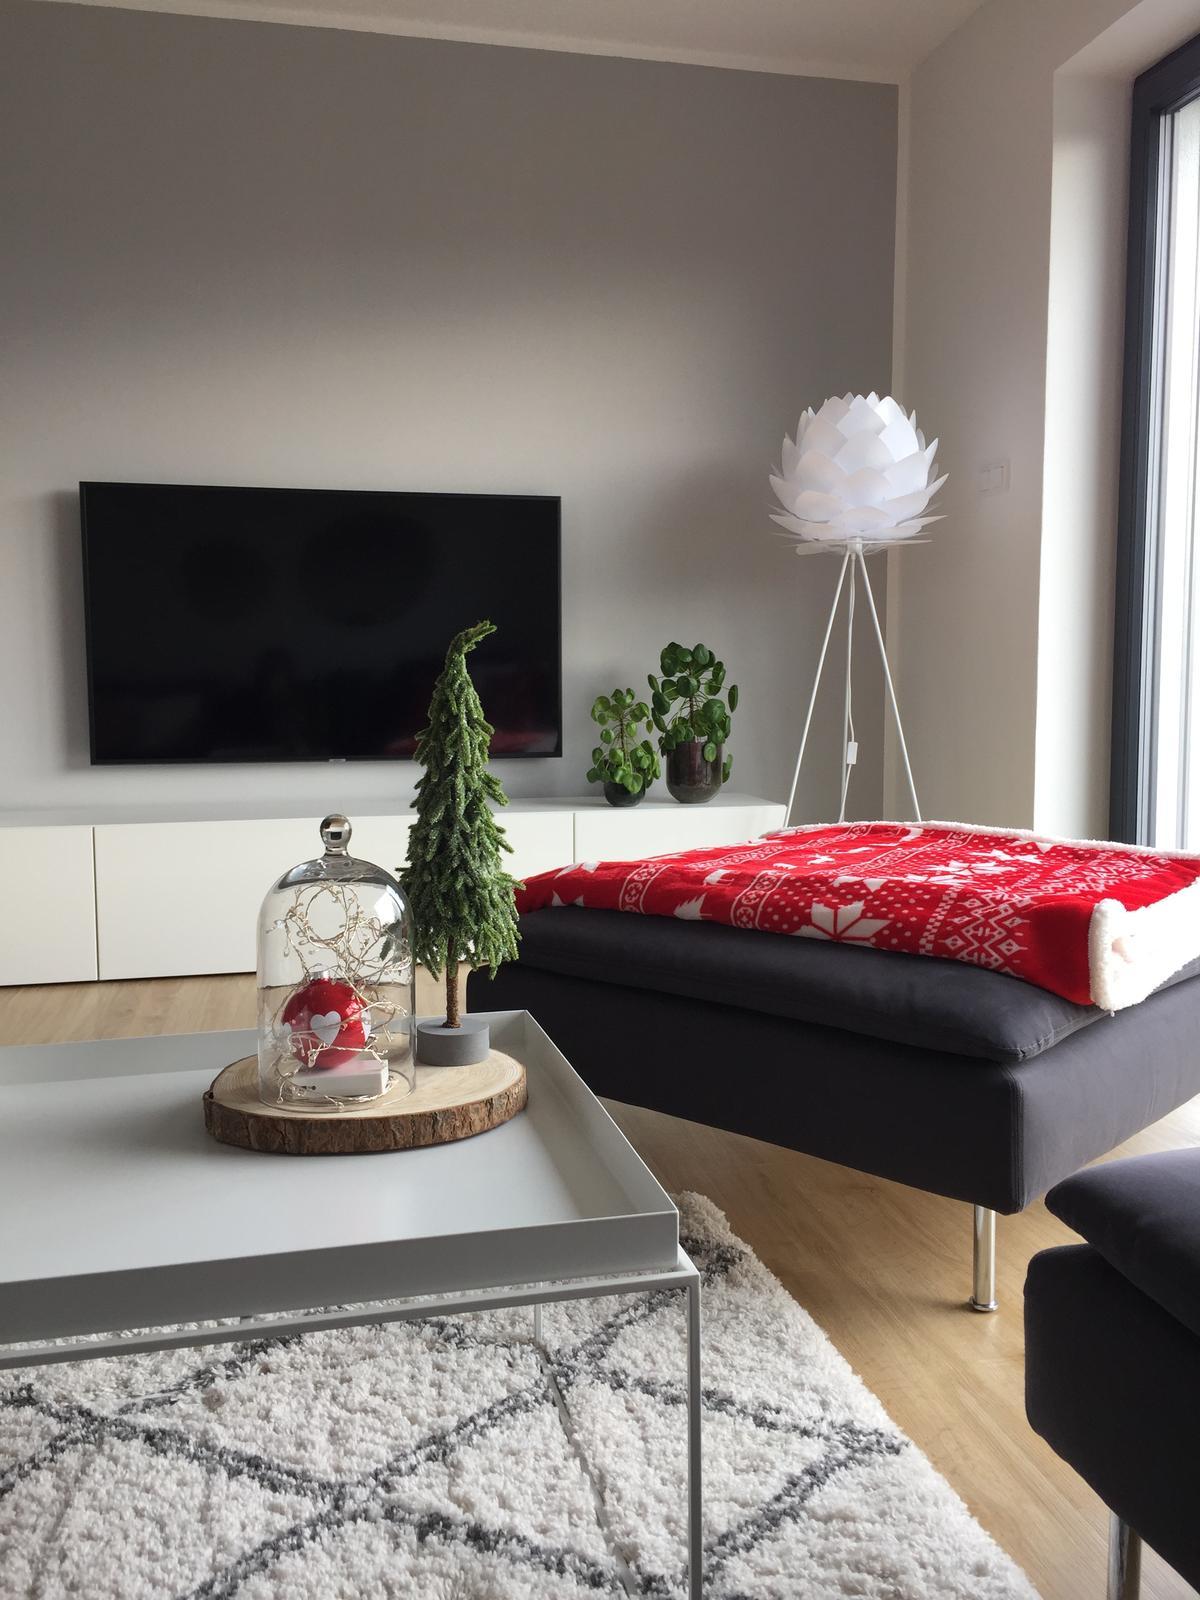 Červená mikroplyšová deka My House Winter, 150 x 200 cm - Obrázek č. 4